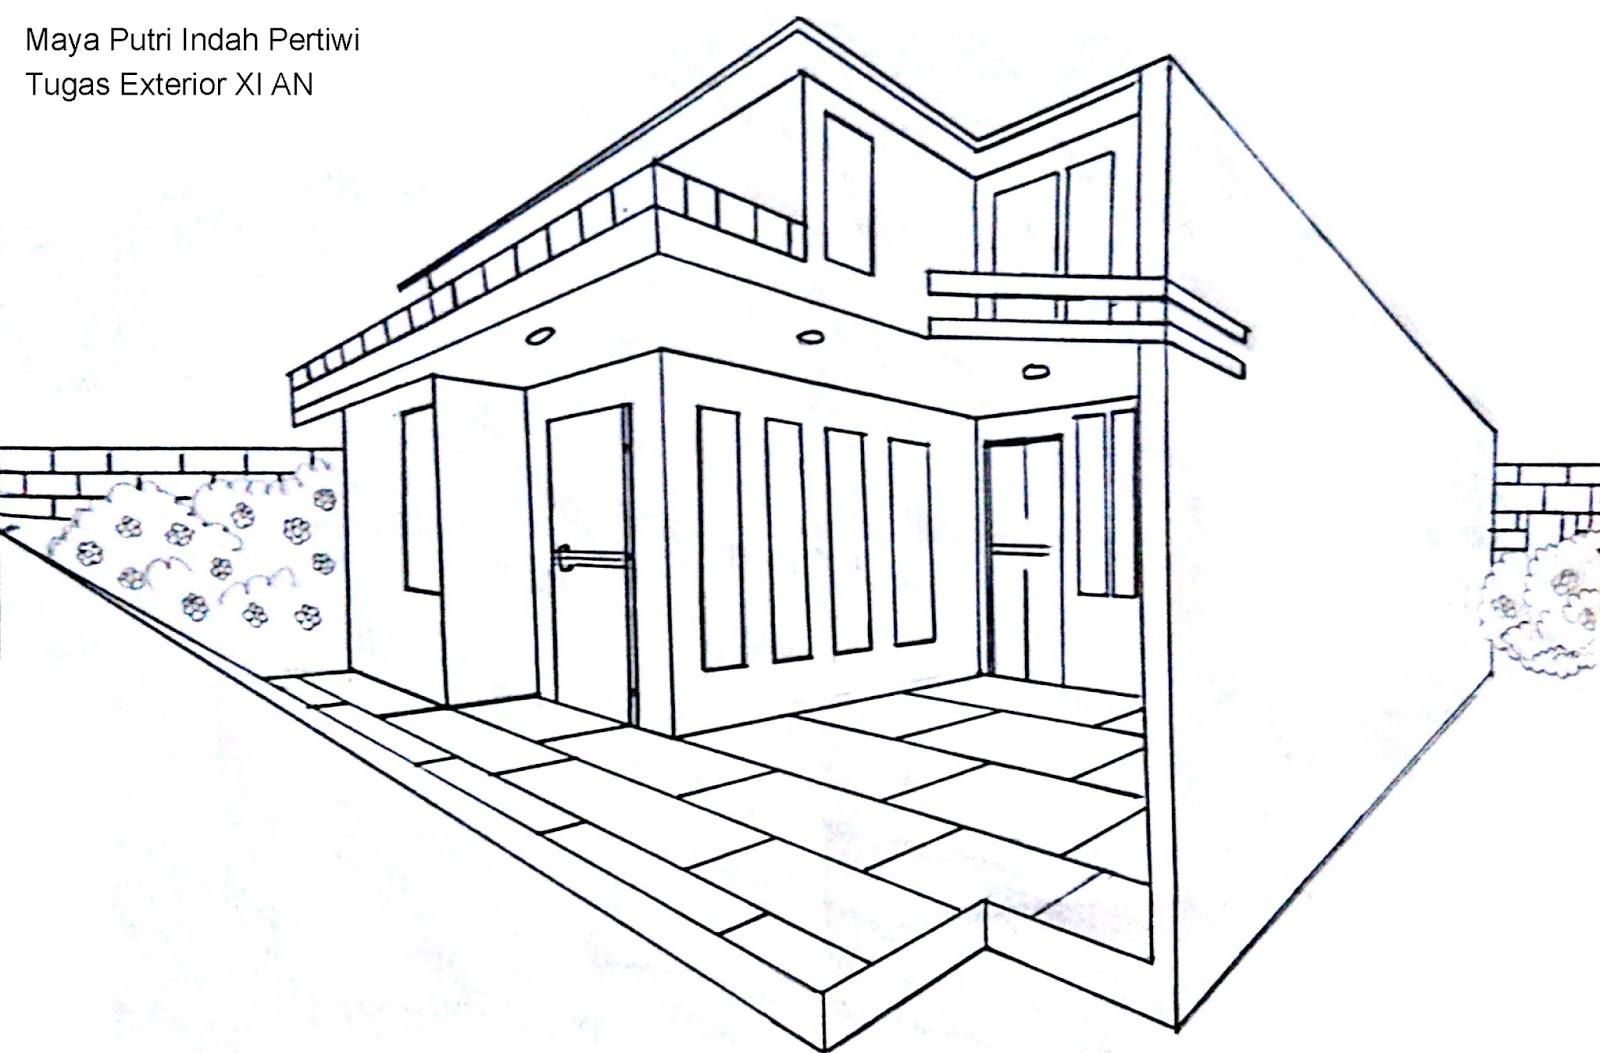 Sketsa Desain Eksterior Rumah